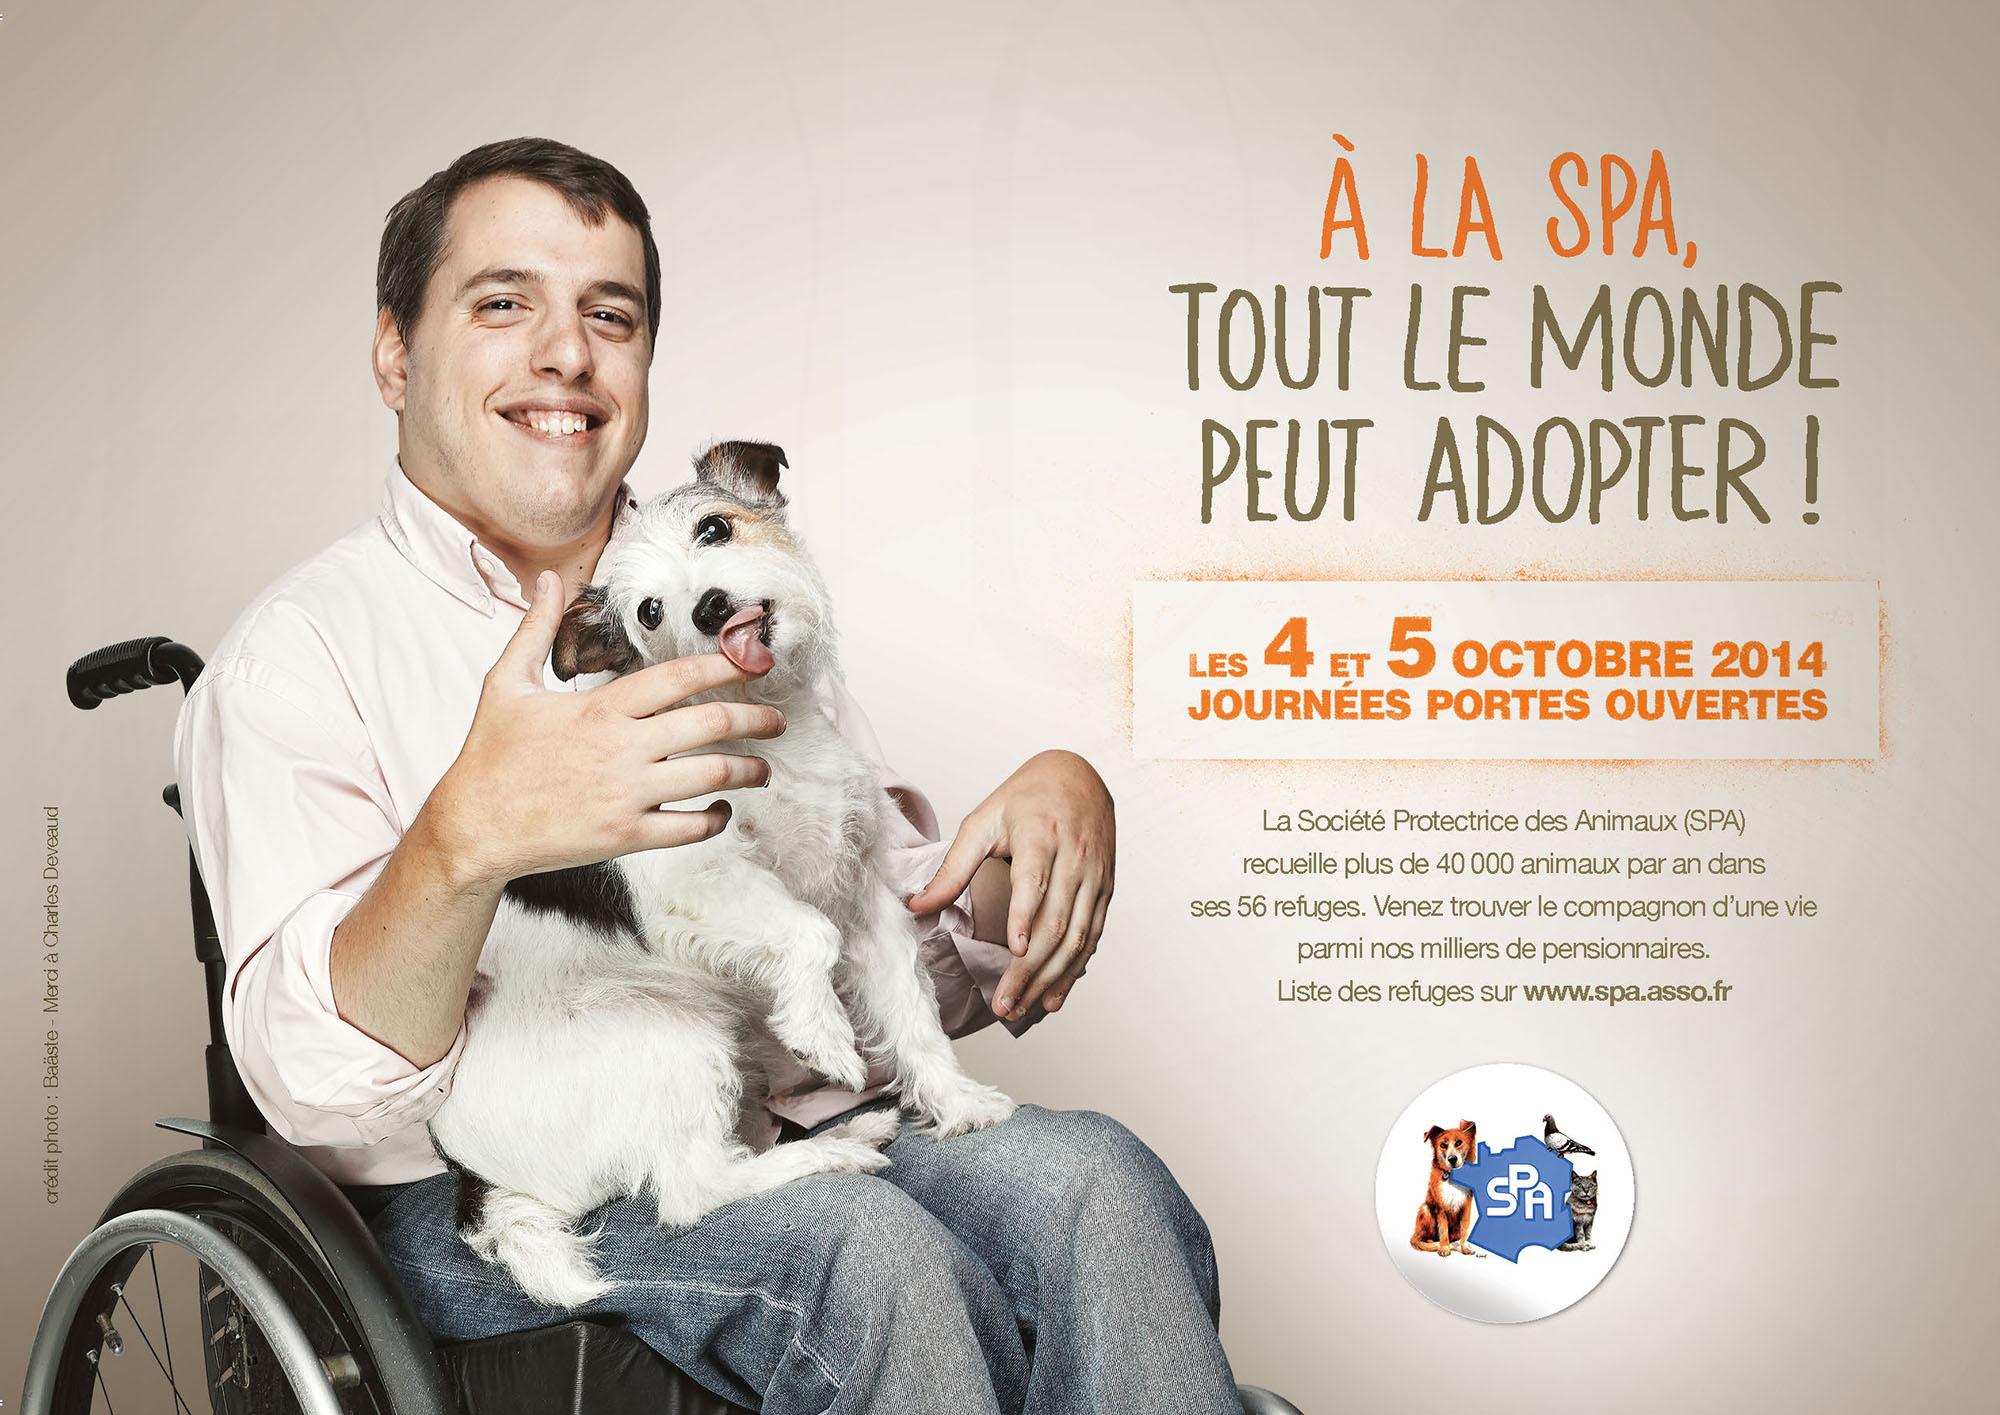 Journées portes ouvertes adoptions : la SPA n'oublie pas les personnes handicapées